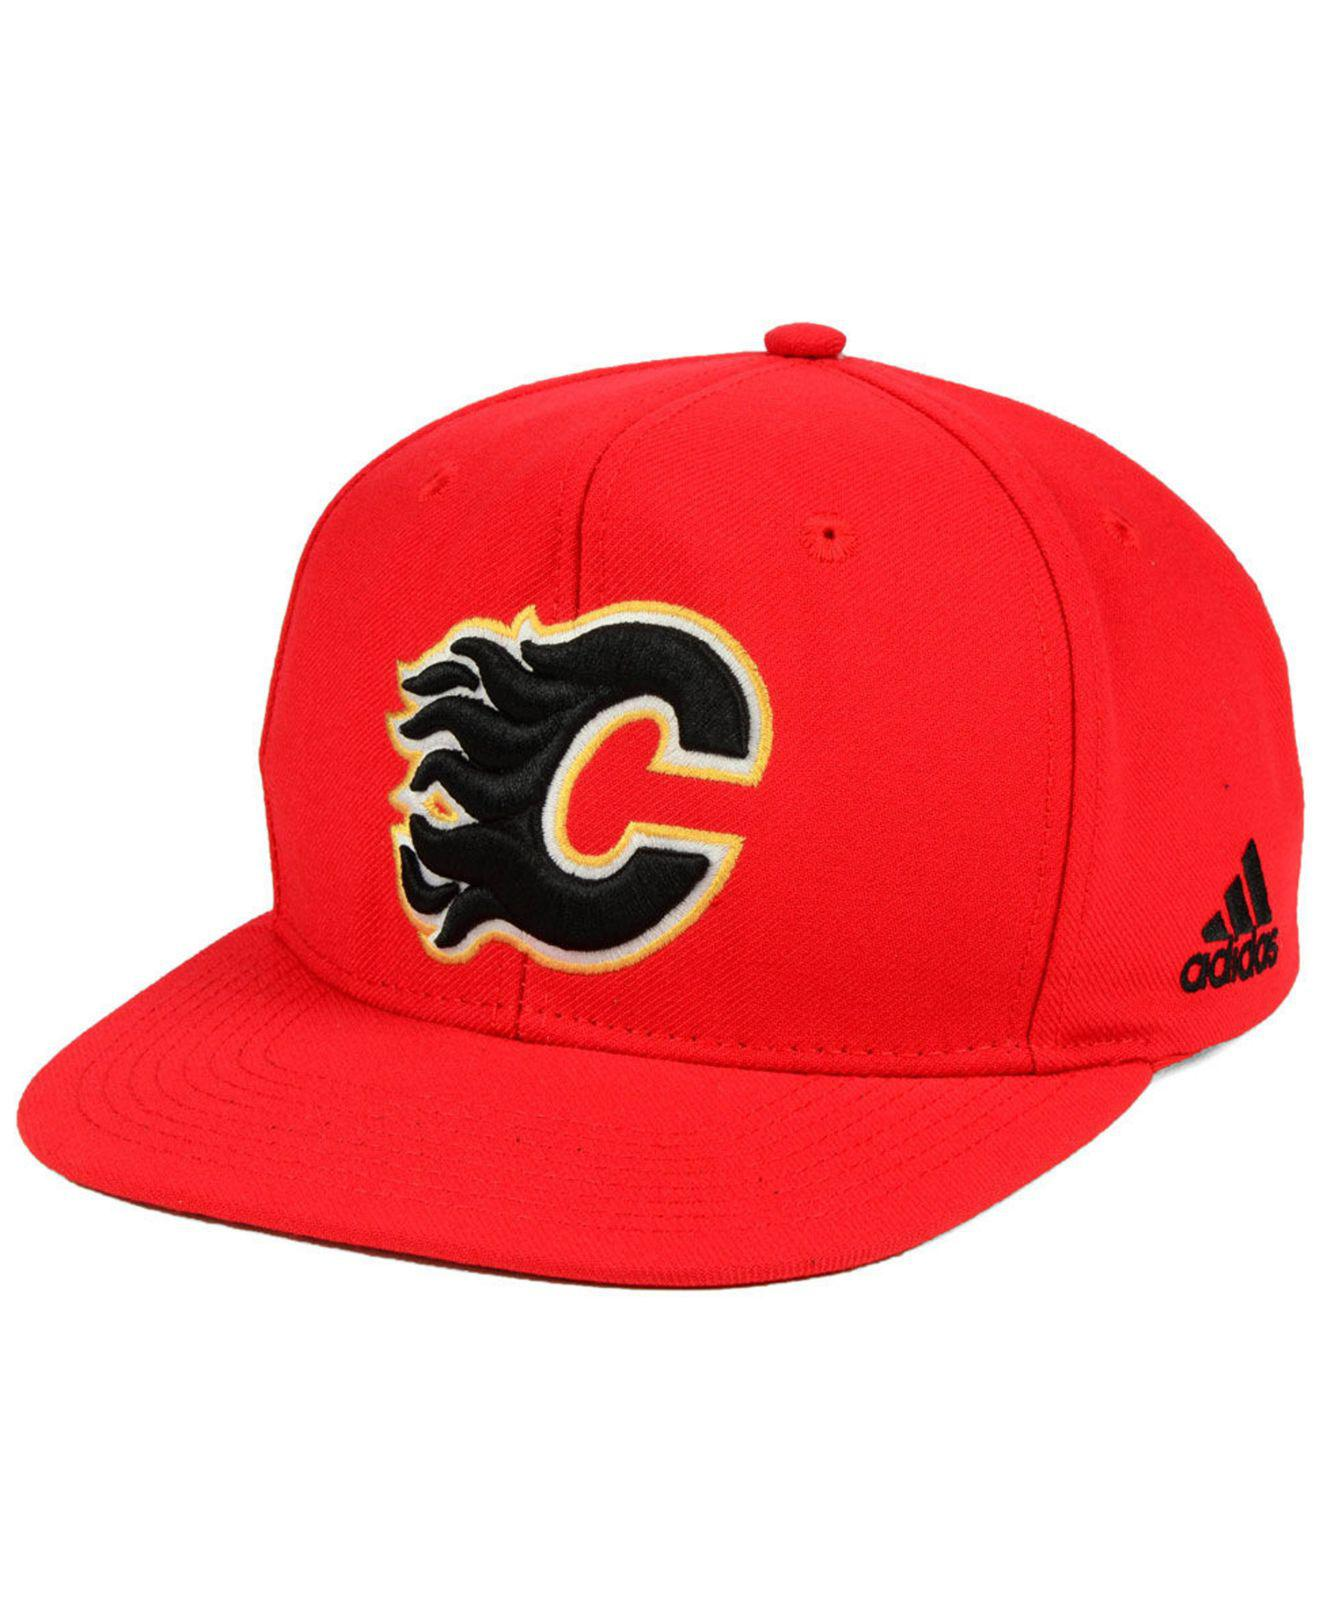 cheaper 05747 b2f56 ... canada adidas. mens red calgary flames core snapback cap 76961 58ceb